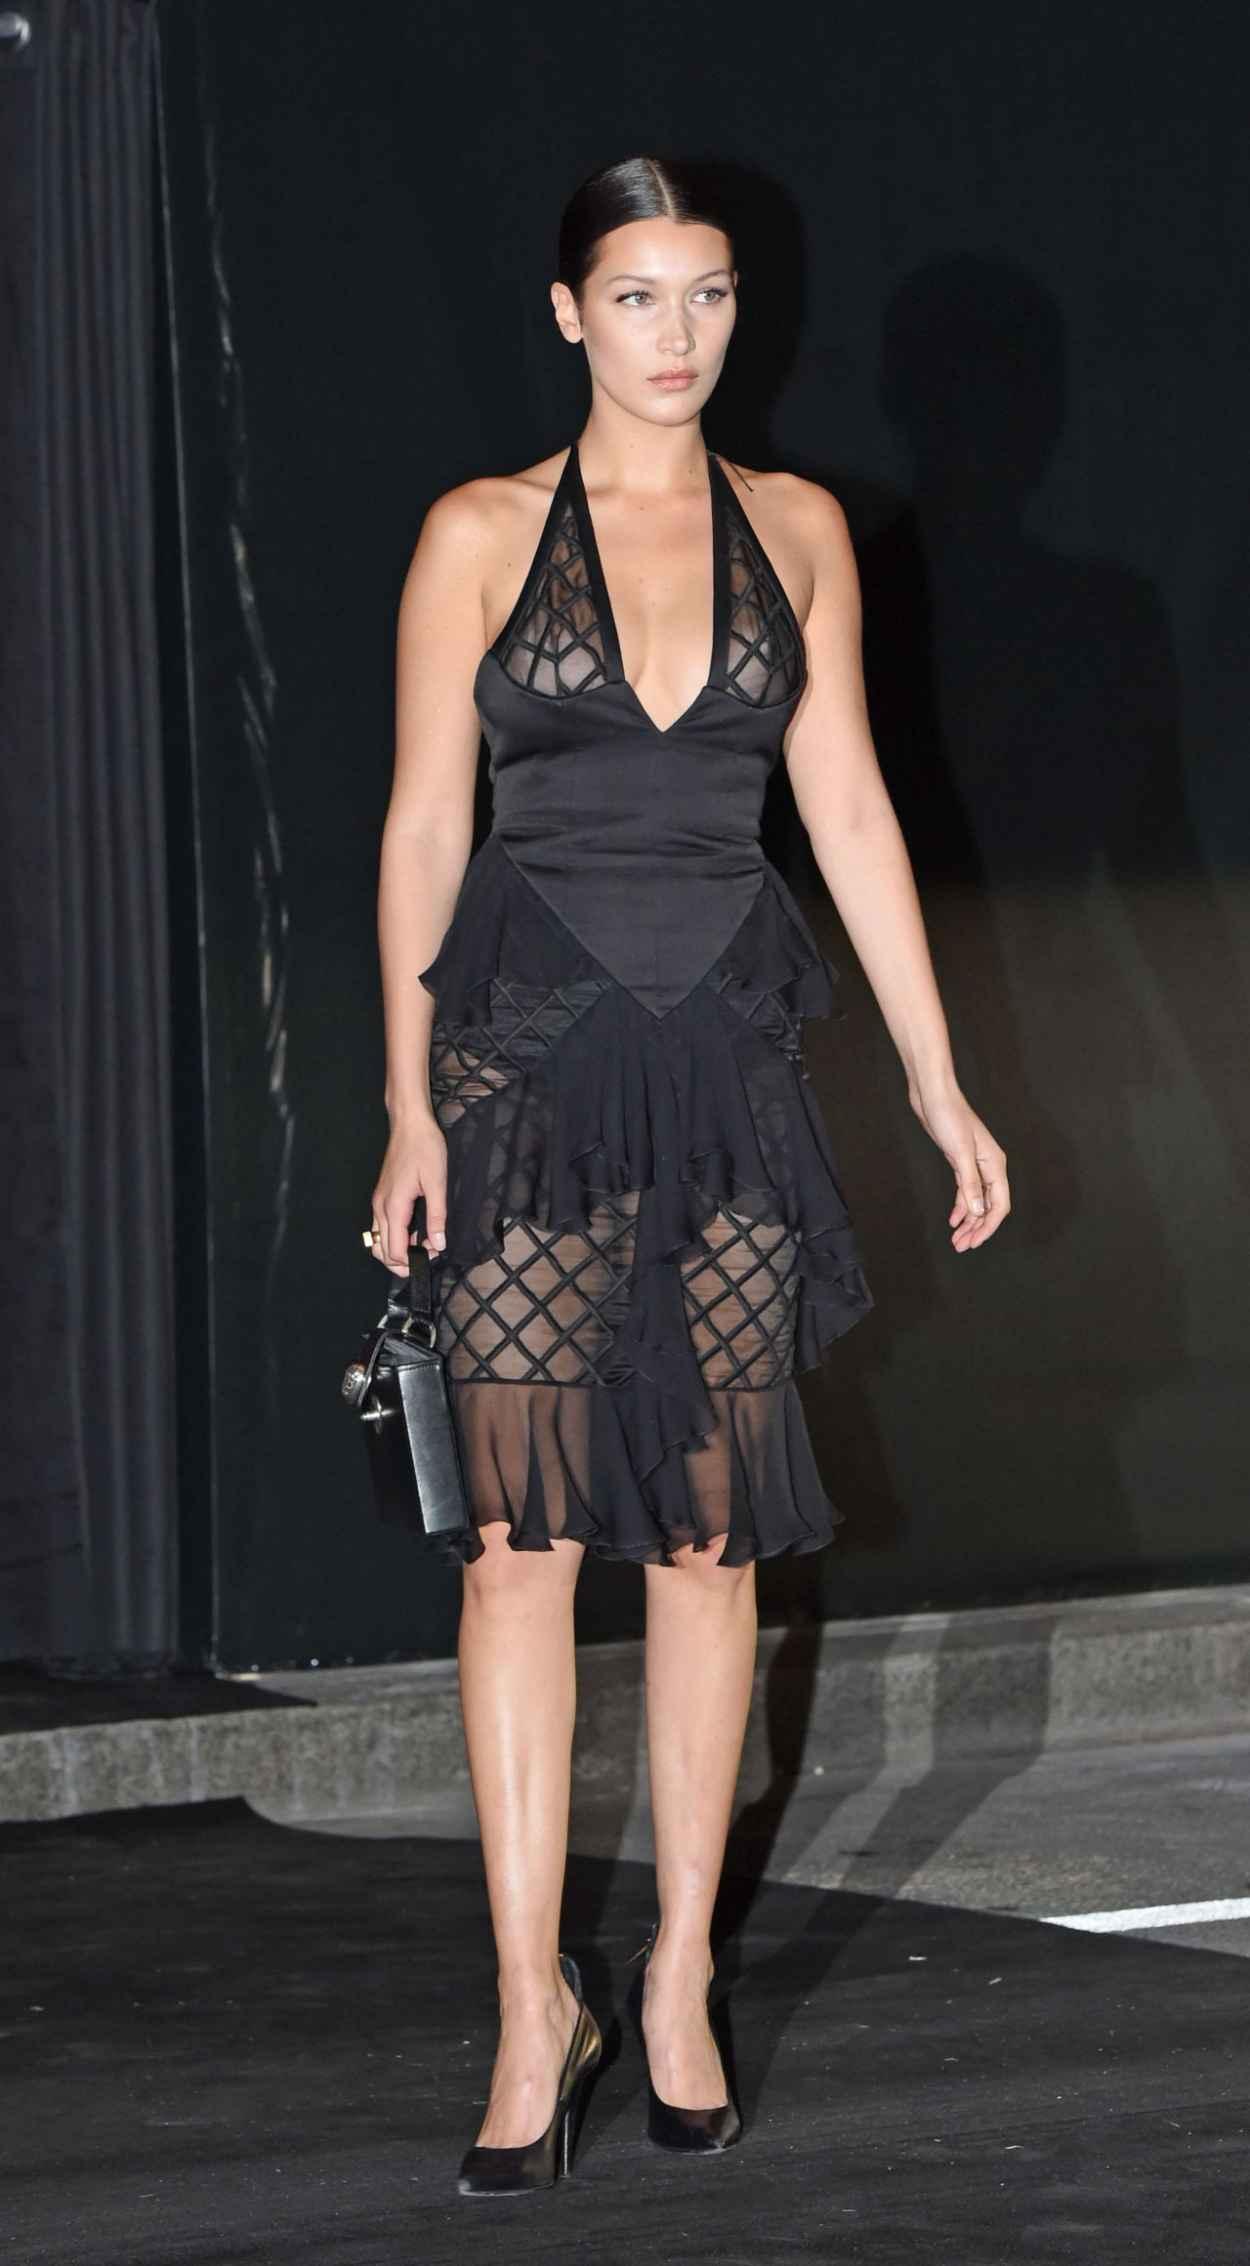 Bella Hadid - Vogue 95th Anniversary Party in Paris-4